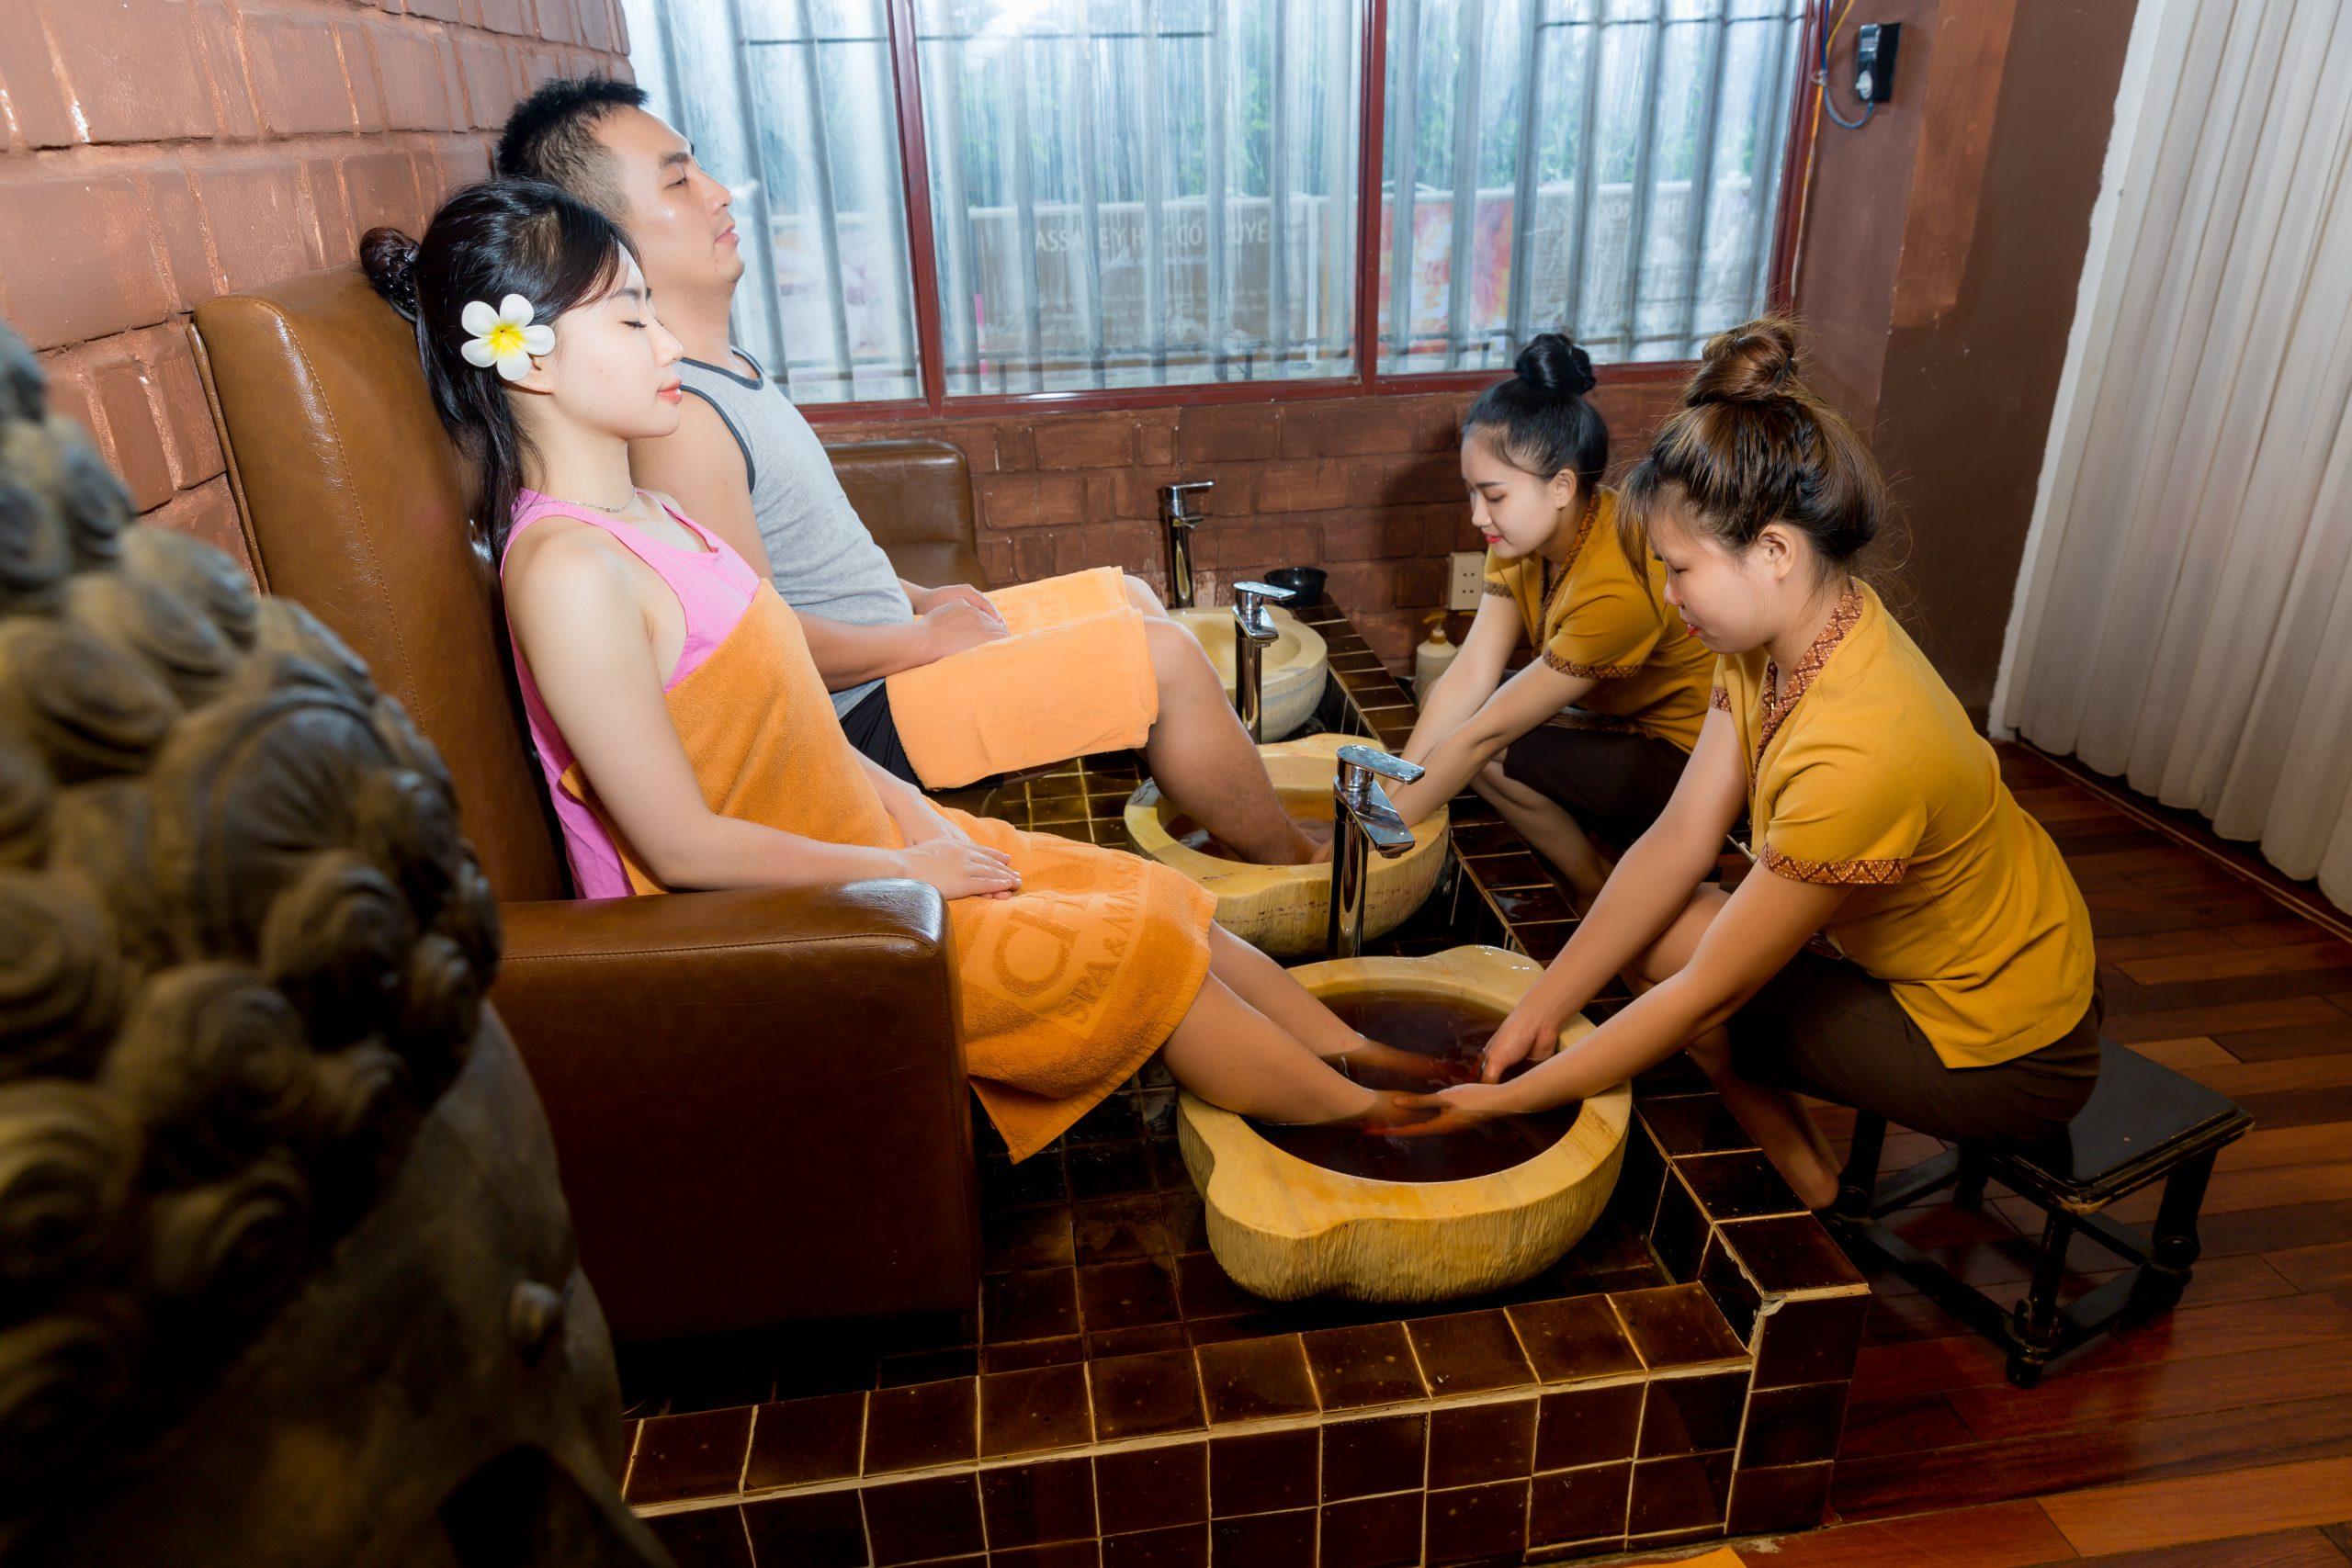 massage chân chăm sóc sức khỏe dễ dàng